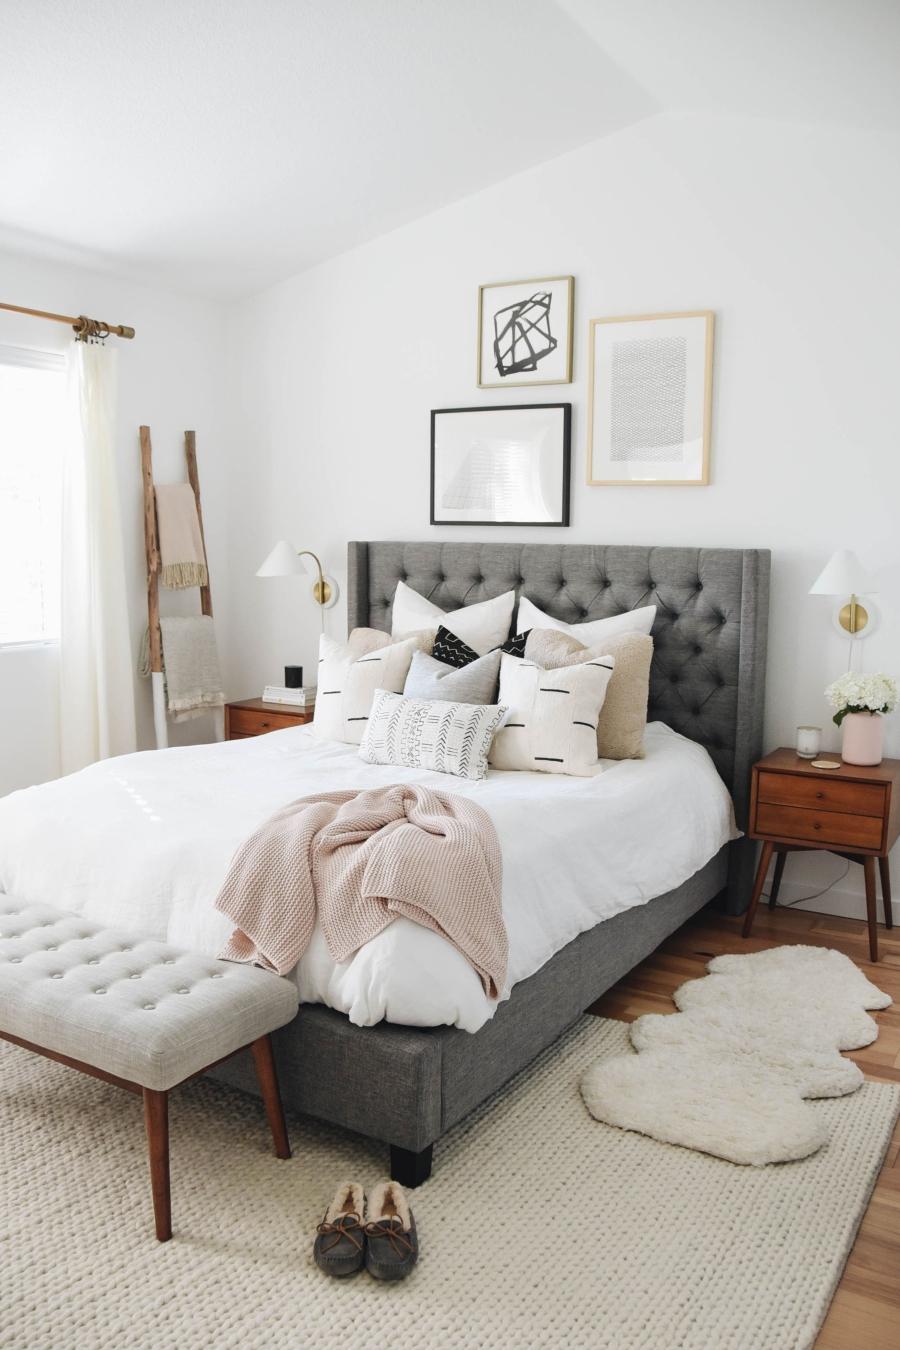 Proste i przytulne wnętrze w bieli, wystrój wnętrz, wnętrza, urządzanie domu, dekoracje wnętrz, aranżacja wnętrz, inspiracje wnętrz,interior design , dom i wnętrze, aranżacja mieszkania, modne wnętrza, białe wnętrza, wnętrza w bieli, styl skandynawski, minimalizm, naturalne dodatki, jasne wnętrza, sypialnia, bedroom, łóżko z zagłówkiem,